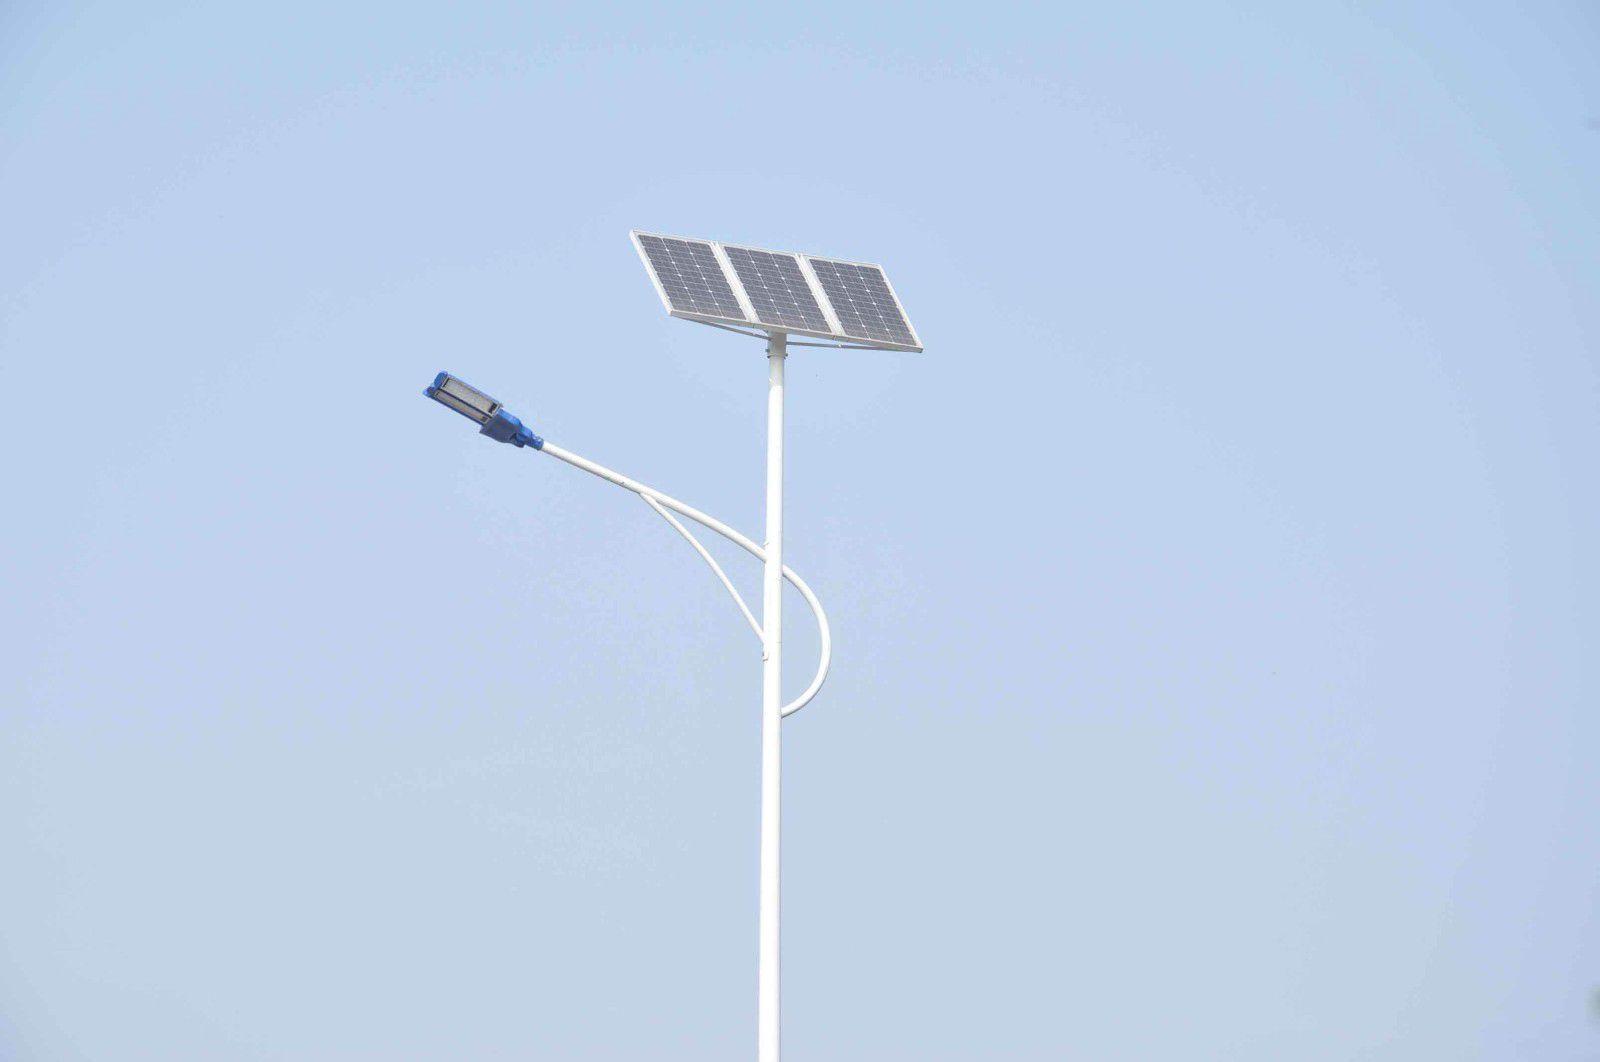 哈尔滨平房区太阳能路灯的现状分析系统组成